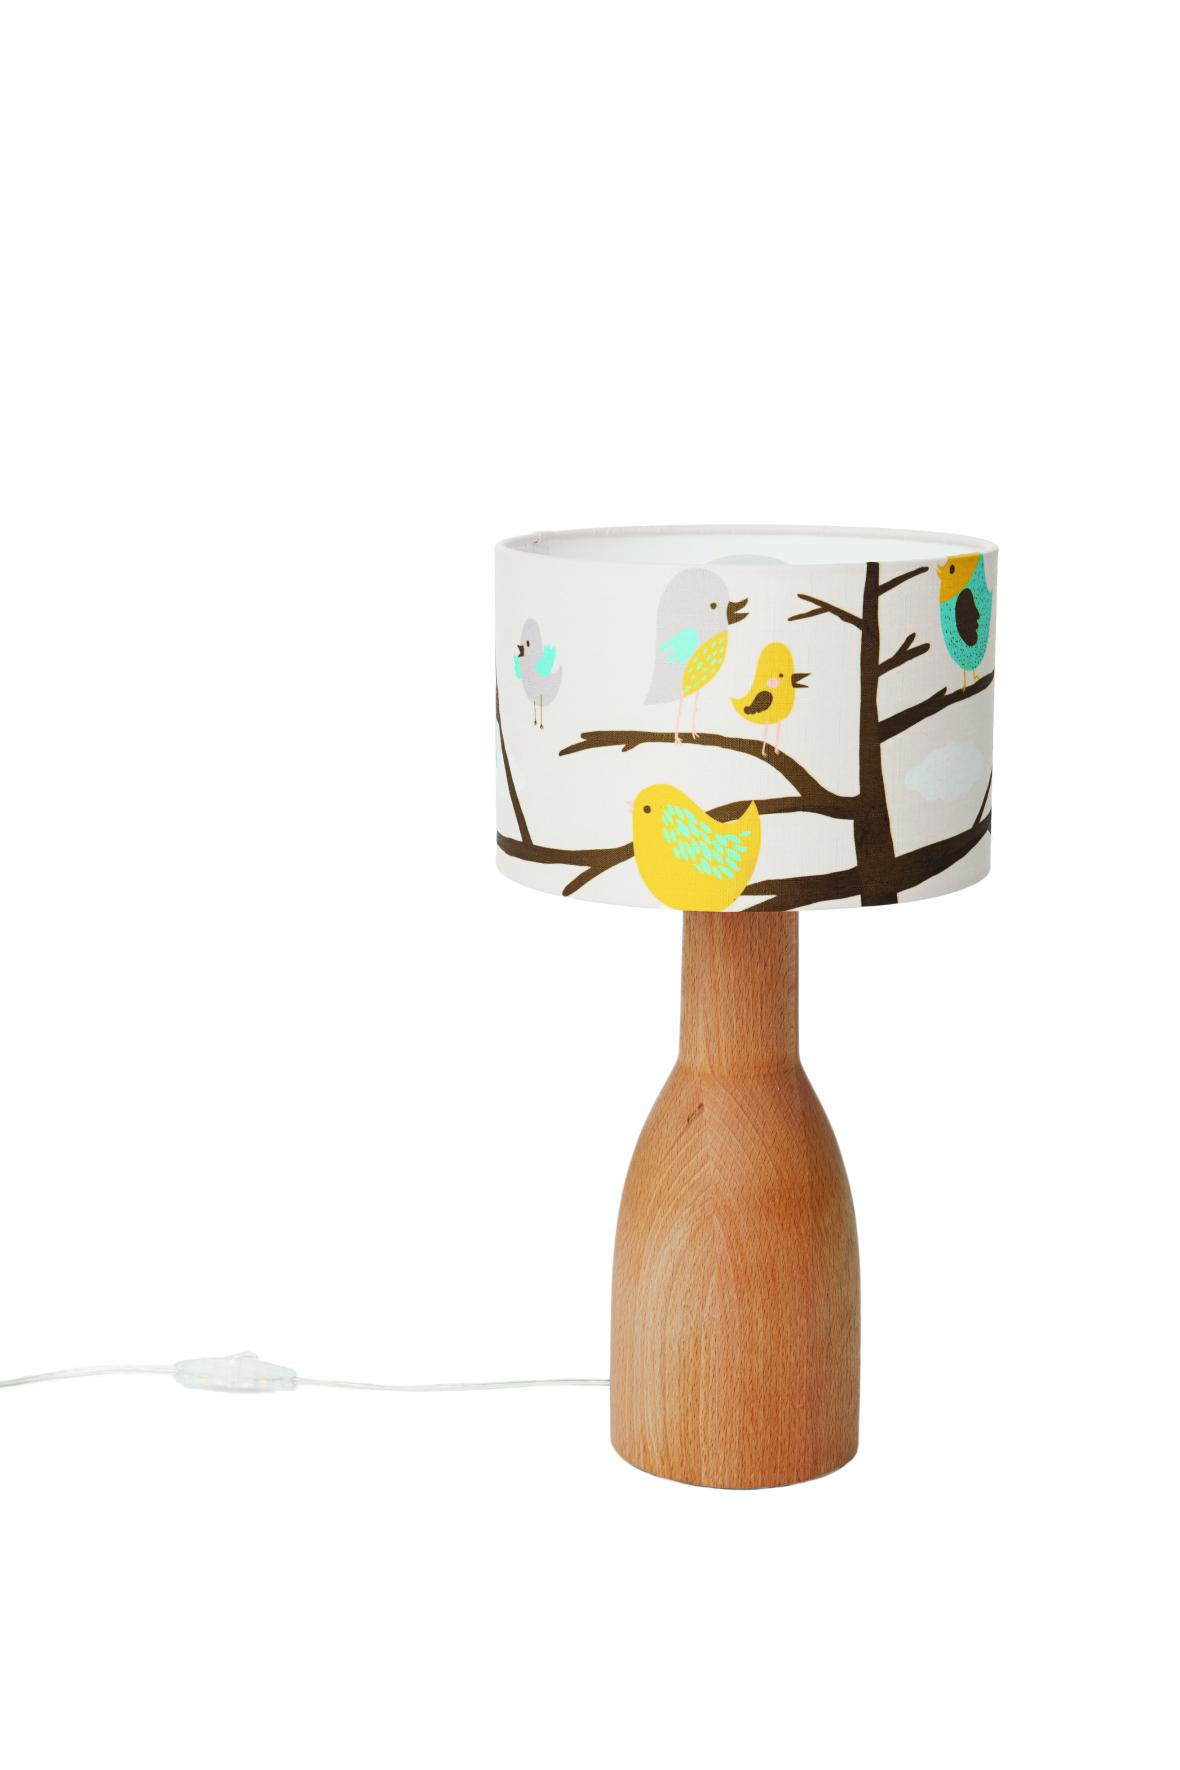 Ručně vyráběný dětský nábytek a doplňky značky Devoto